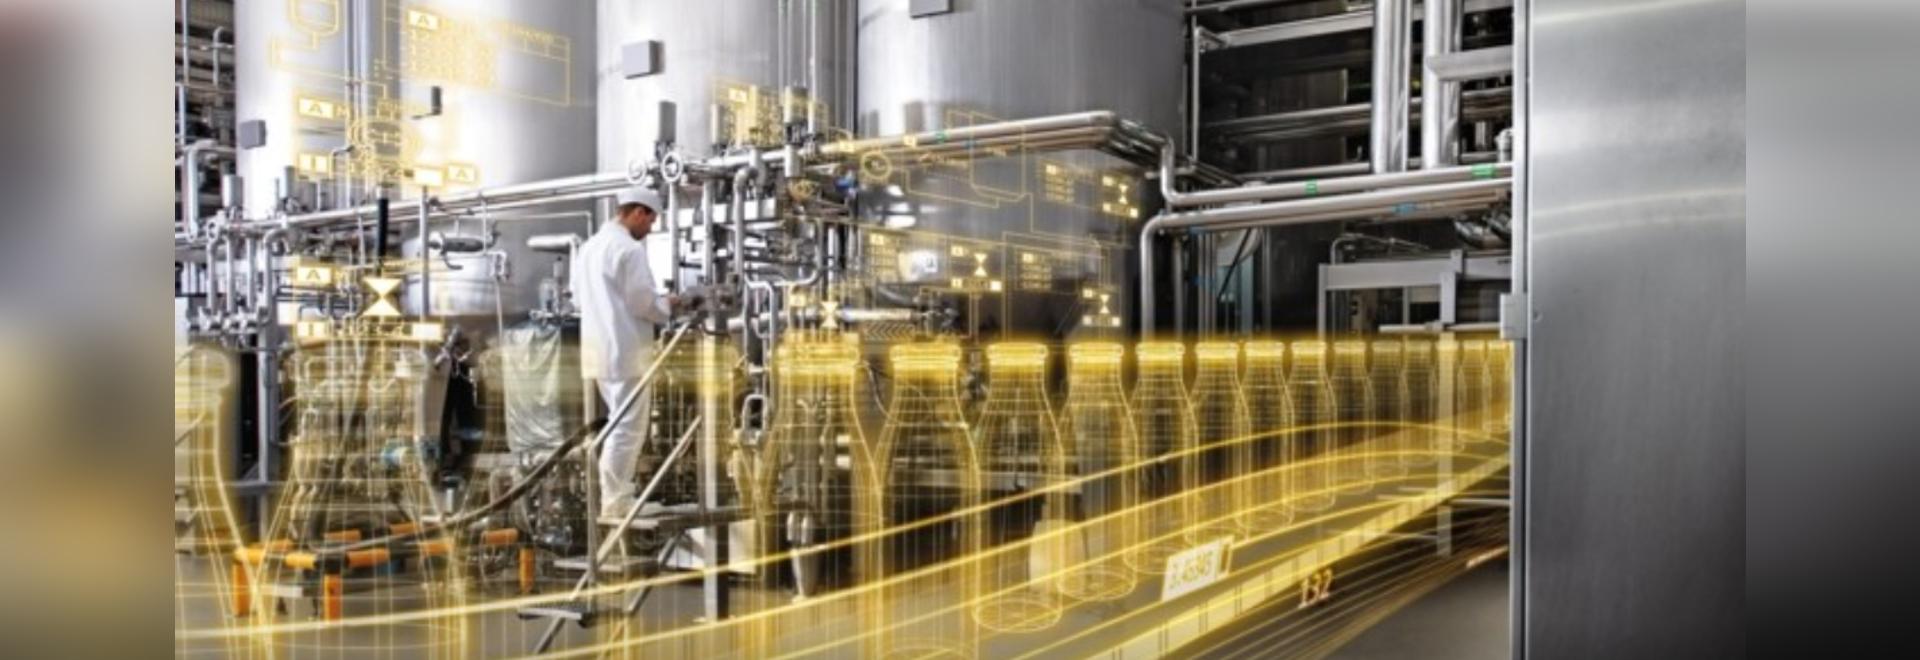 Die Analyse von Produktionsvariablen untersucht Probleme und Lösungen